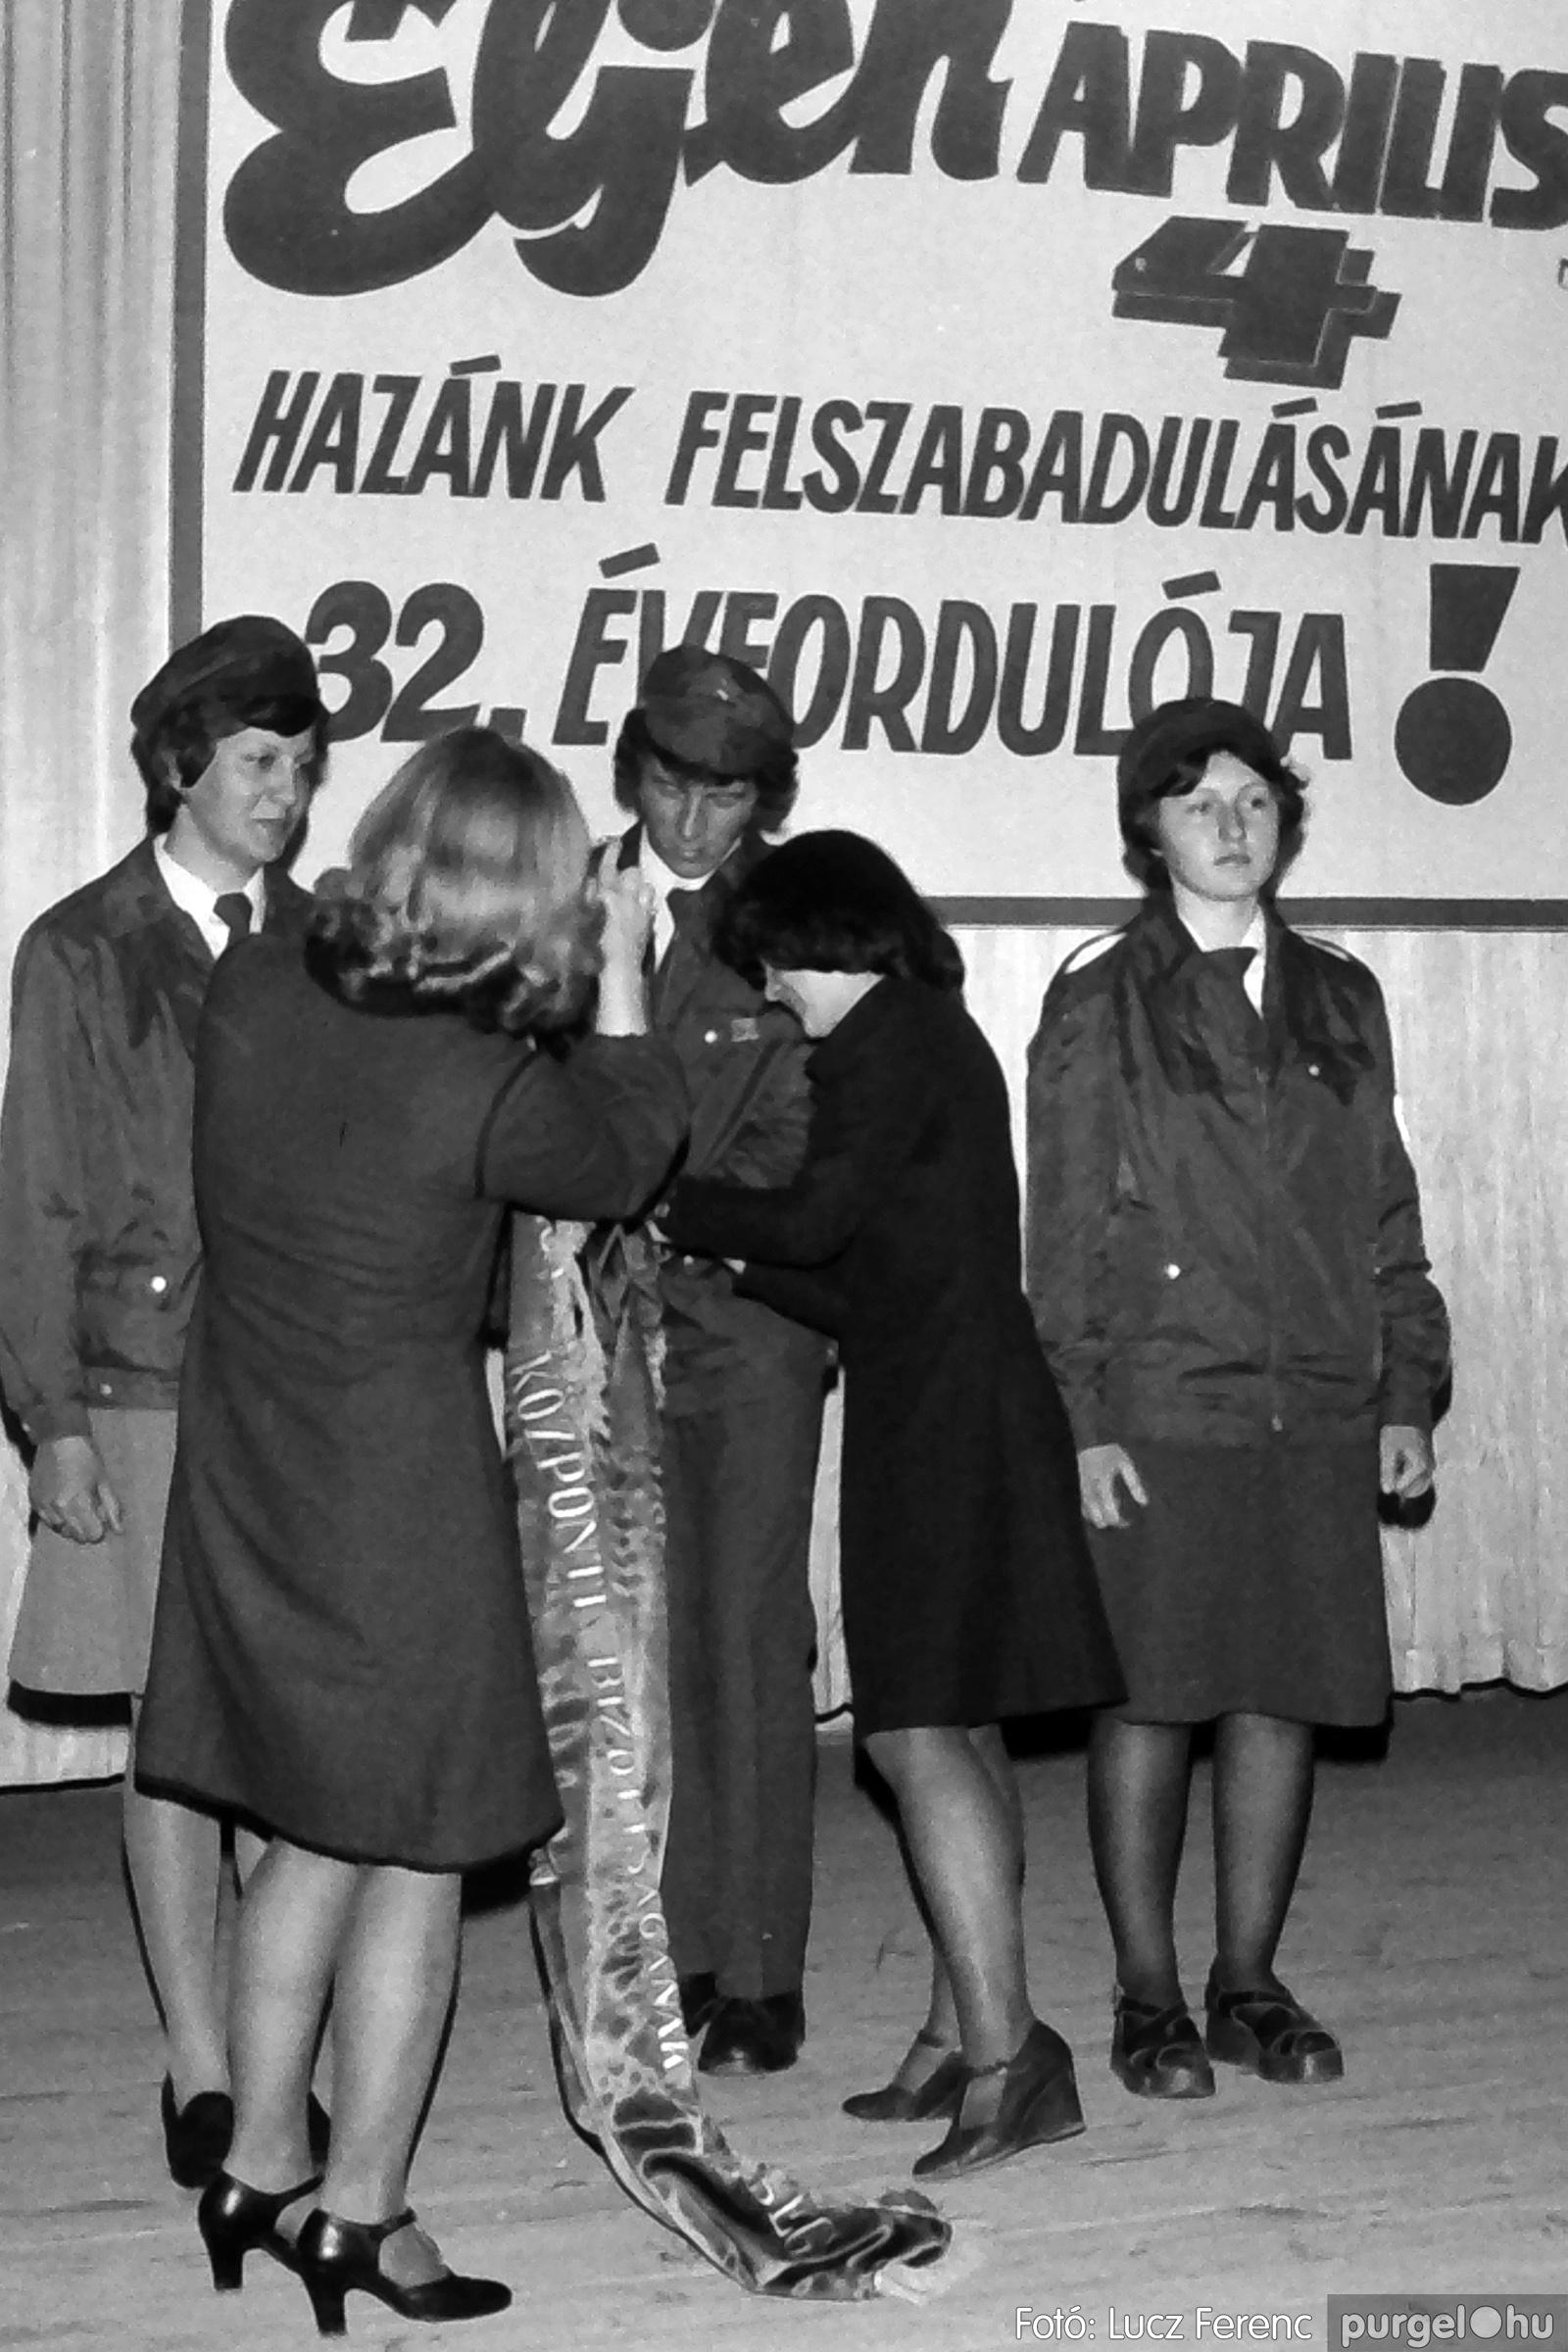 078. 1977.04.04. Április 4-i ünnepség 024. - Fotó: Lucz Ferenc.jpg